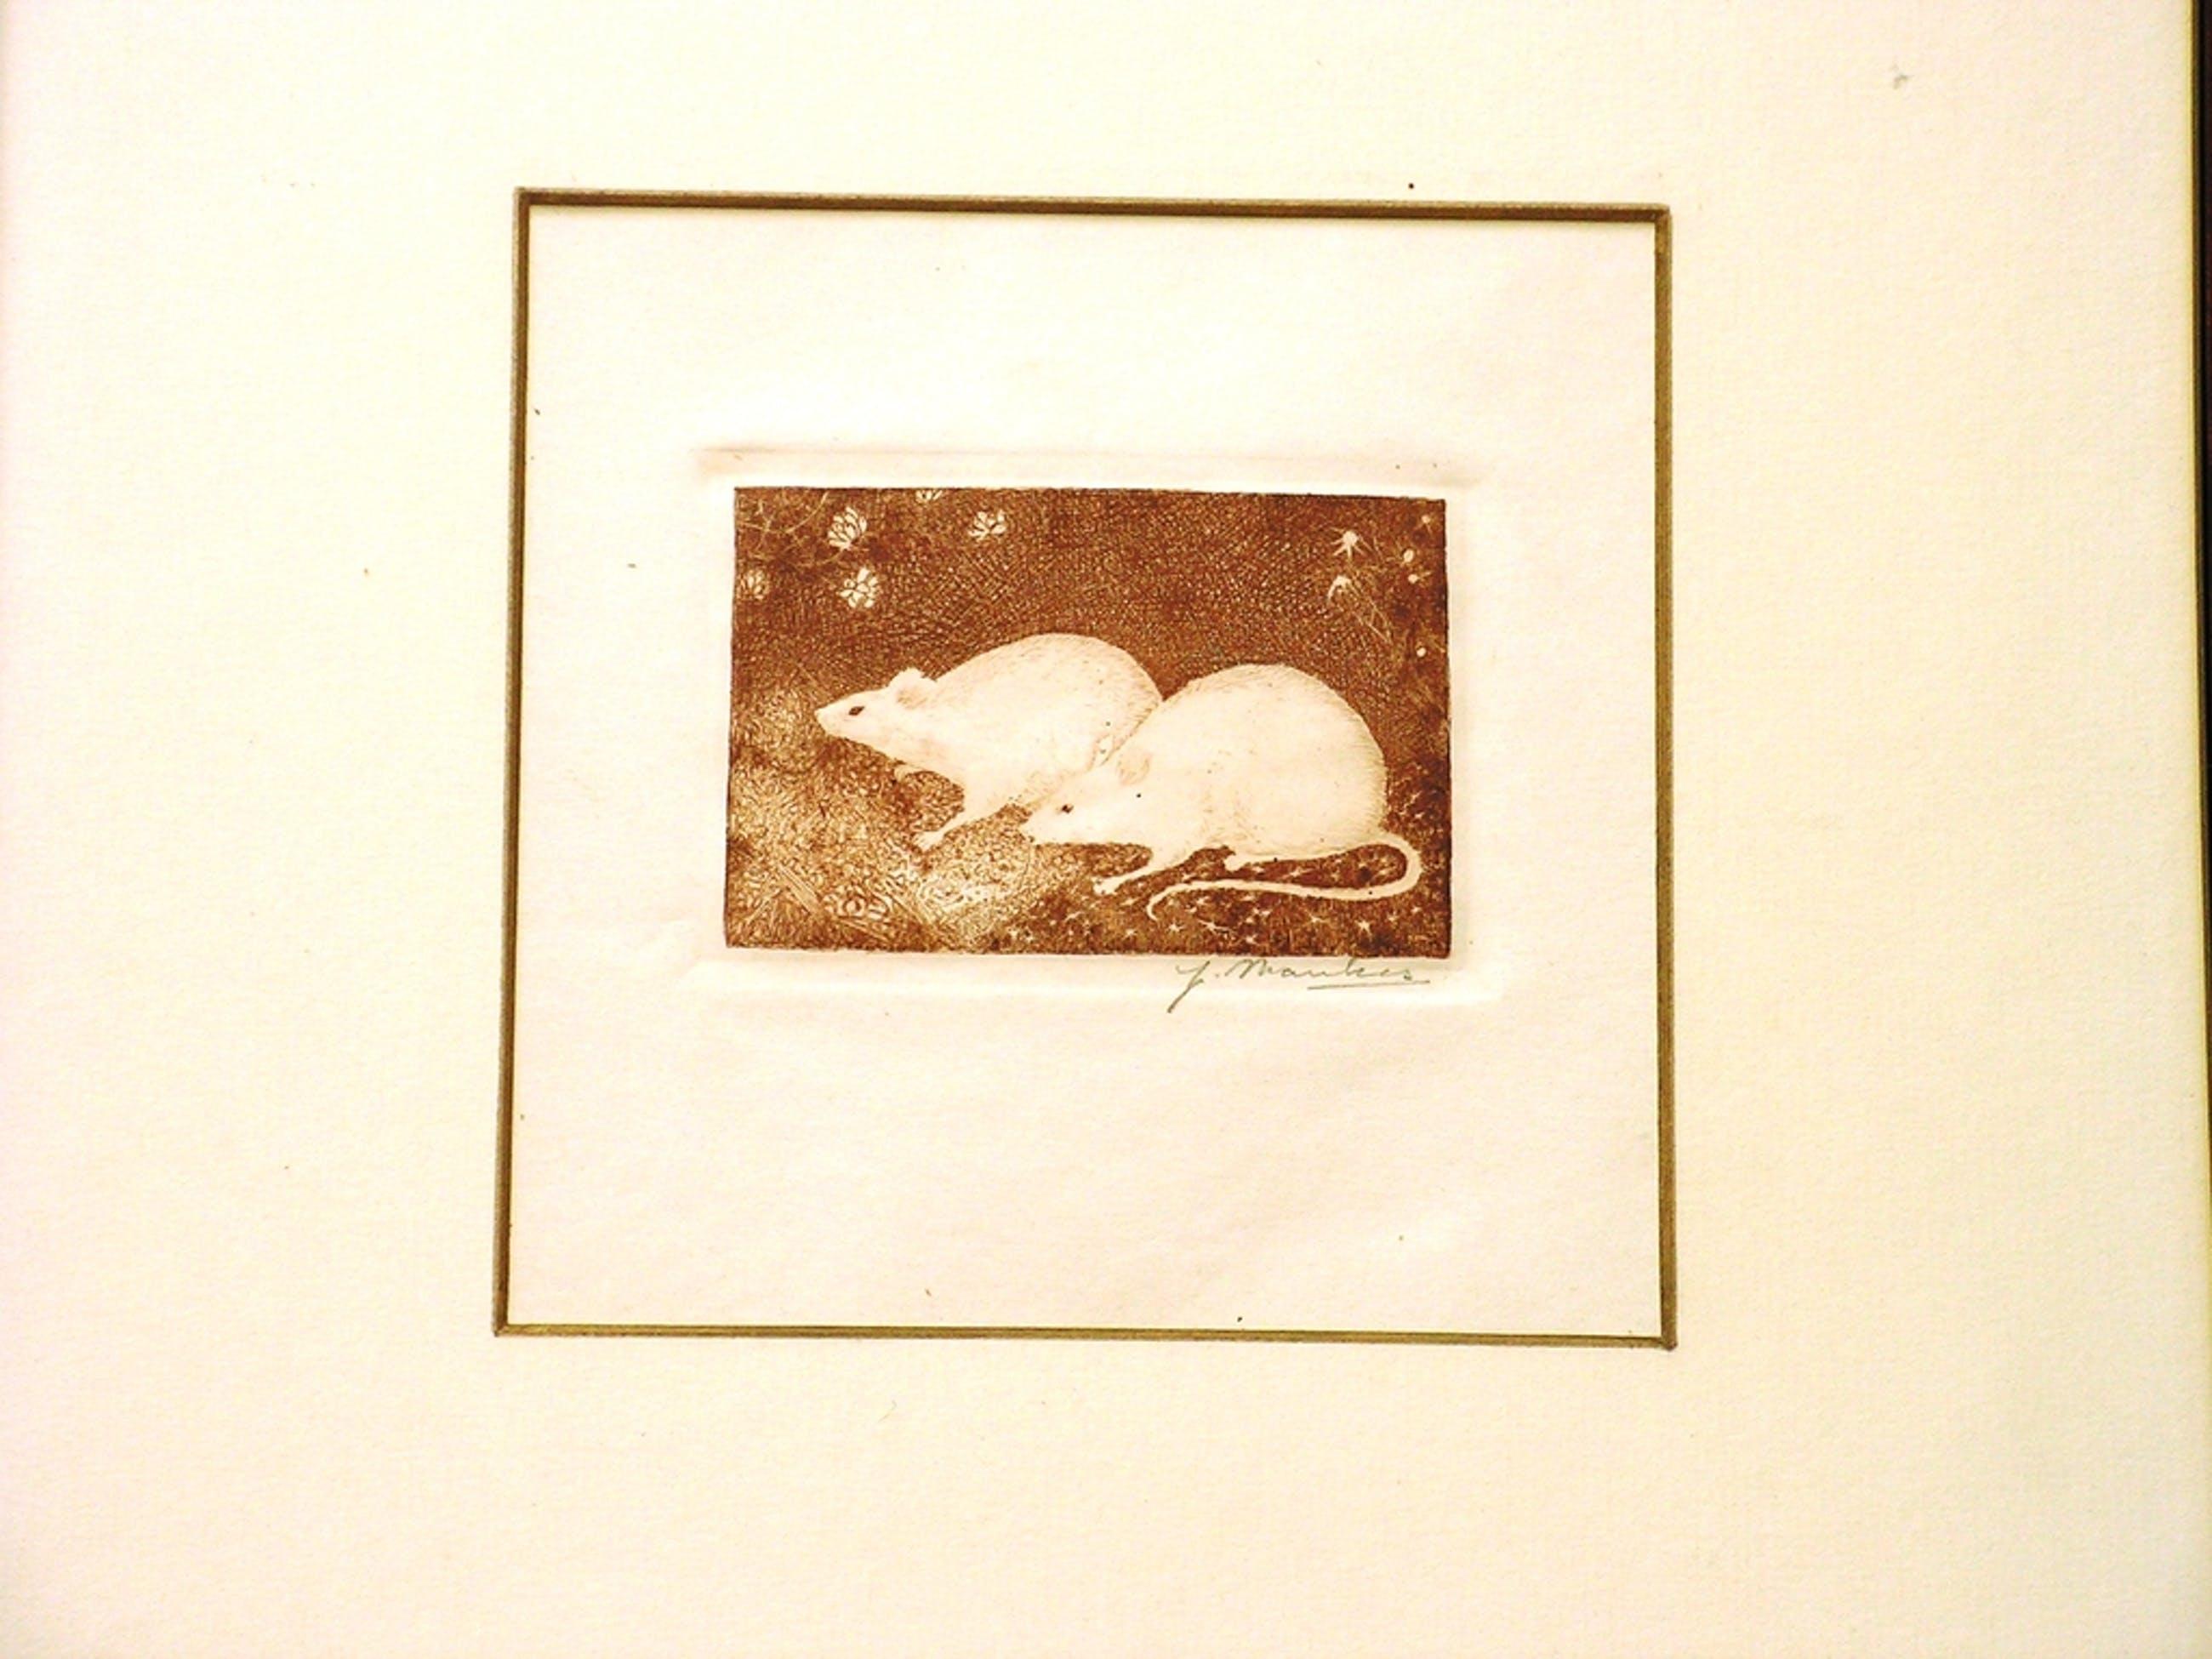 Jan Mankes - 'twee muisjes'  -  ets  -  gesigneerd - 1916 kopen? Bied vanaf 700!